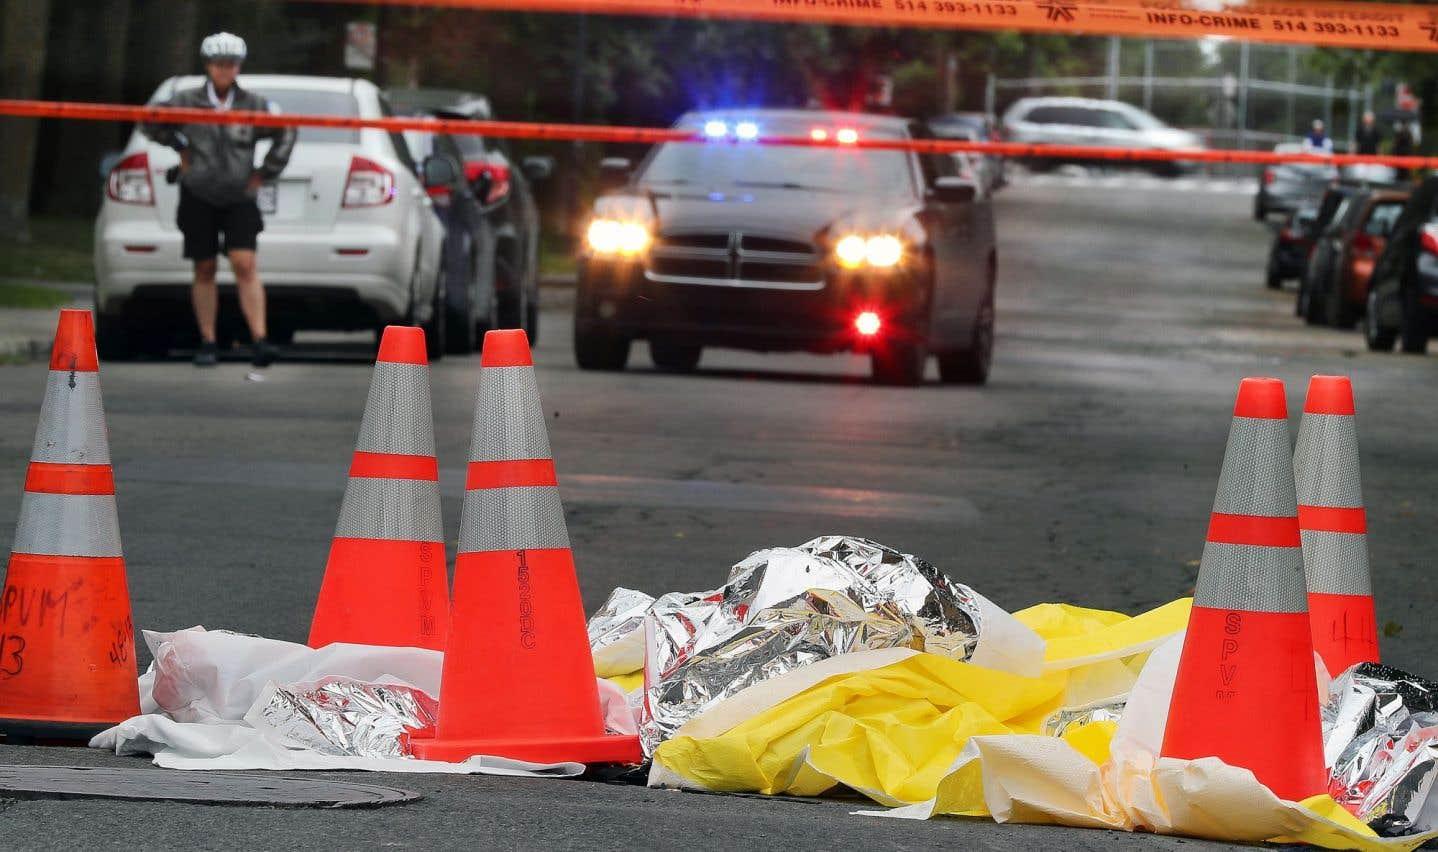 Le tragique accident est survenu sur la rue Bélanger, à l'intersection de la 6eAvenue.